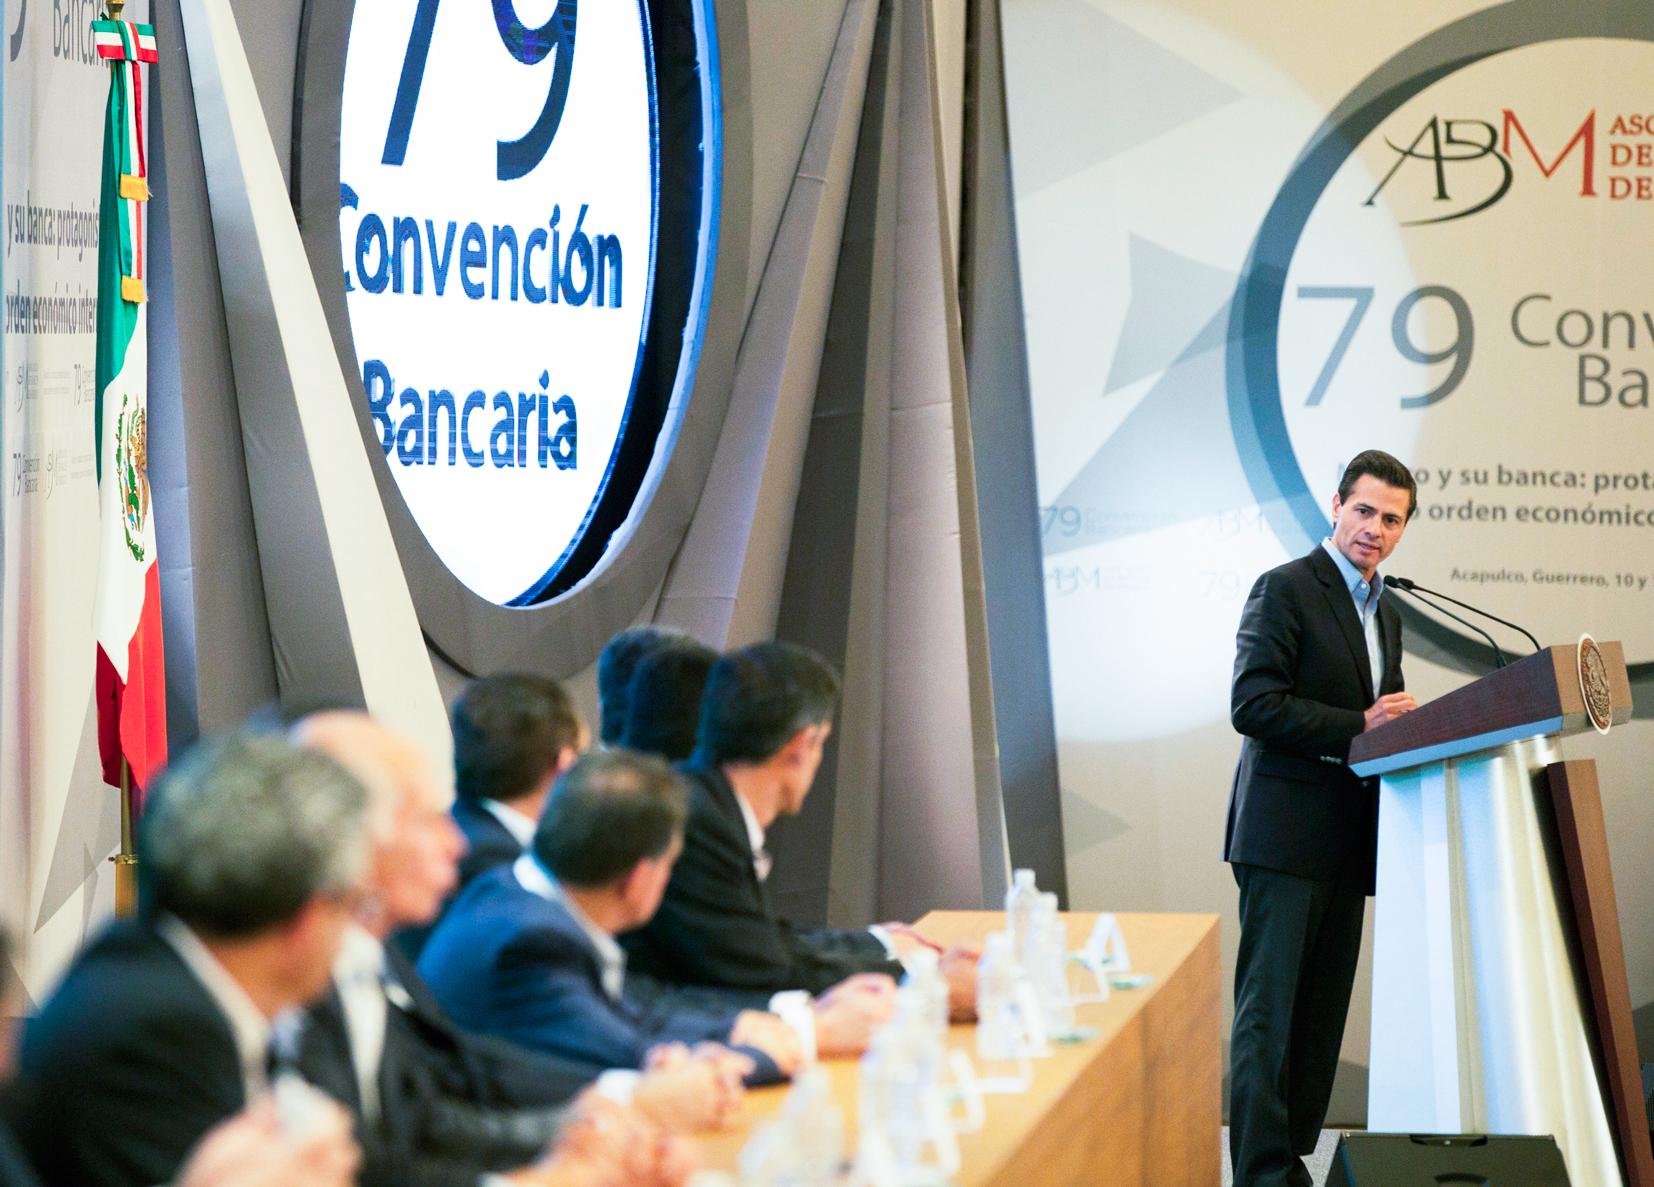 Integración, estabilidad y reformas, posicionan a México como una de las economías más atractivas del mundo para invertir y crecer en los siguientes años.